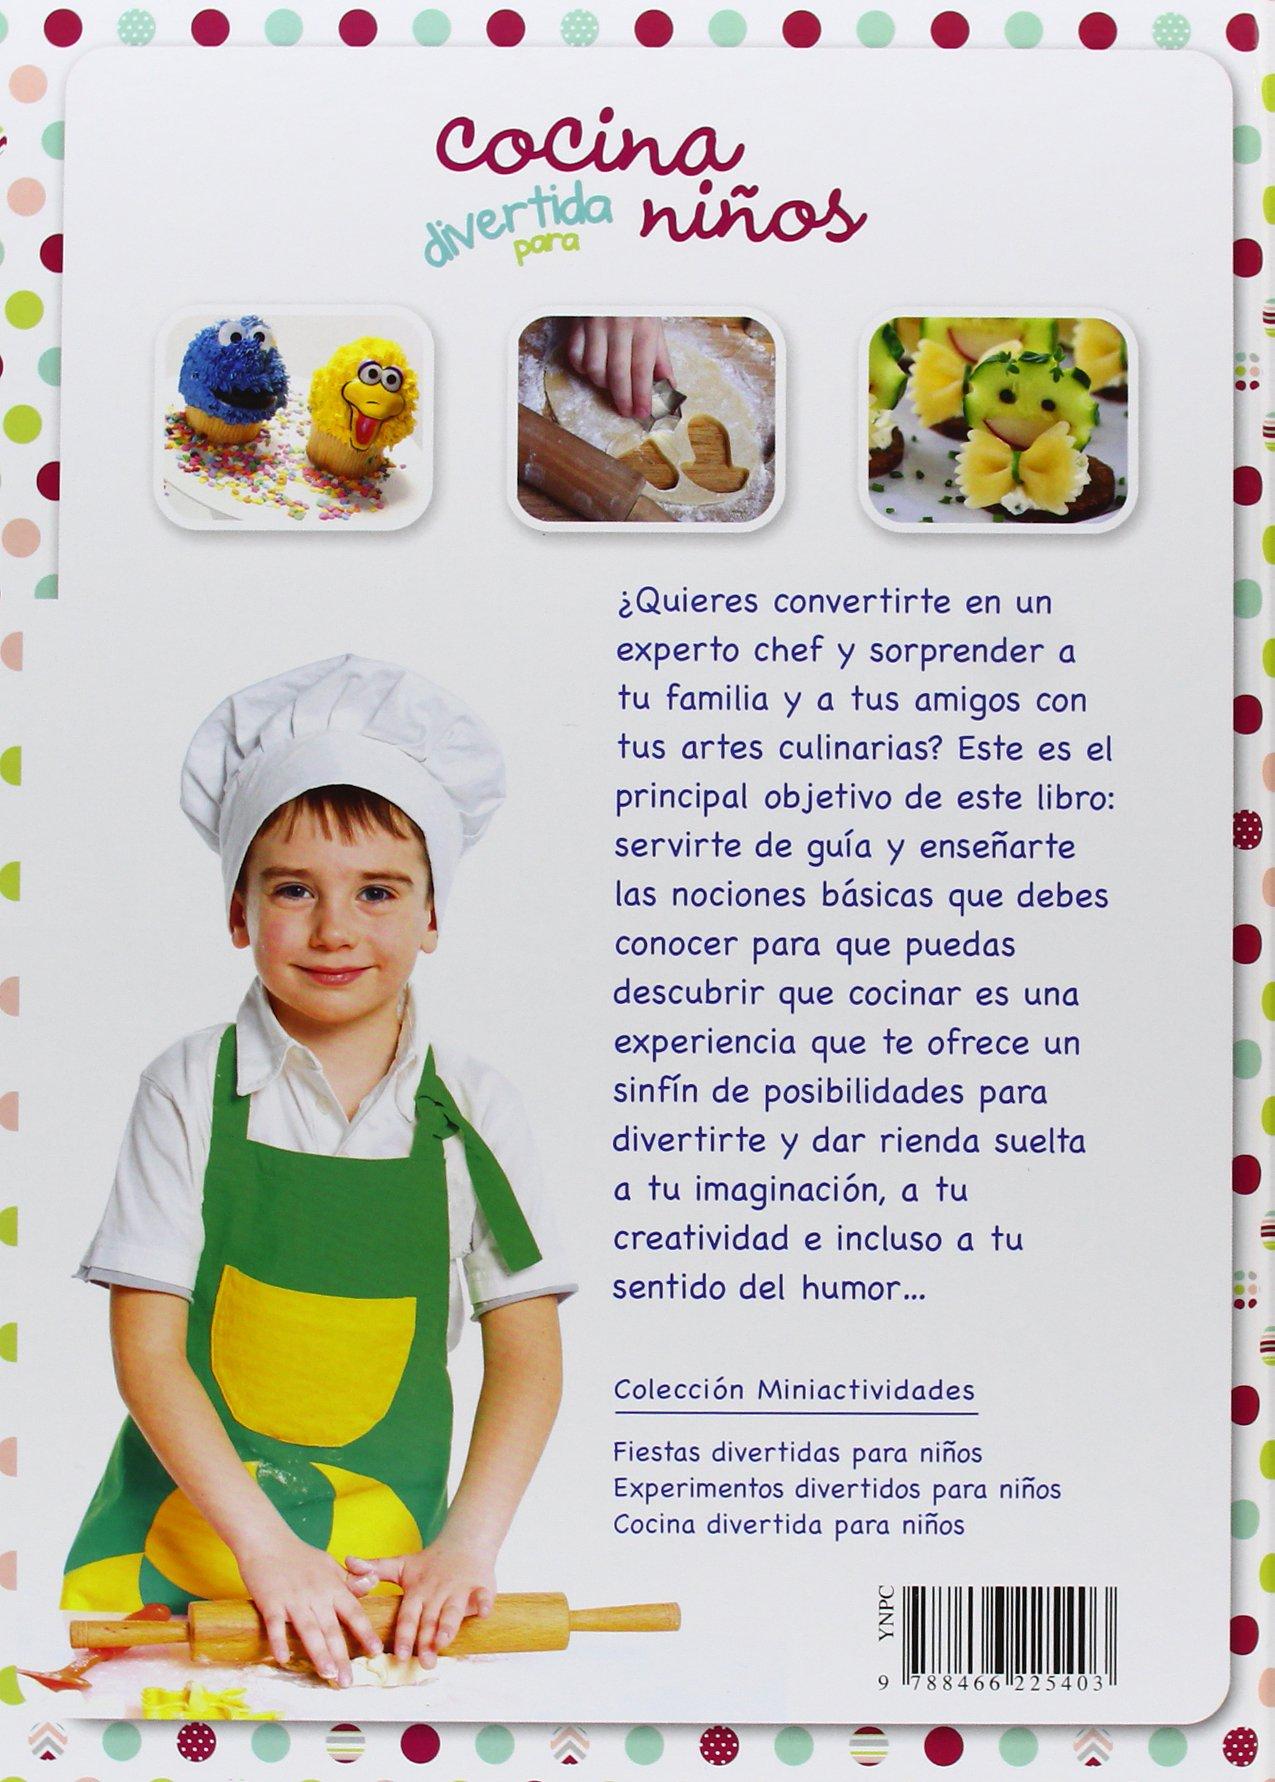 Nice Cocina Divertida Para Niños (Miniactividades): Amazon.es: Carla Nieto  Martínez: Libros